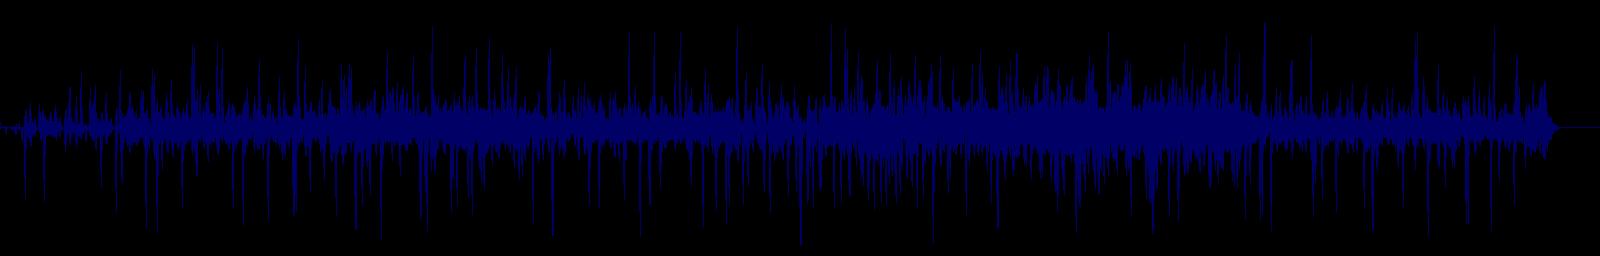 waveform of track #131660